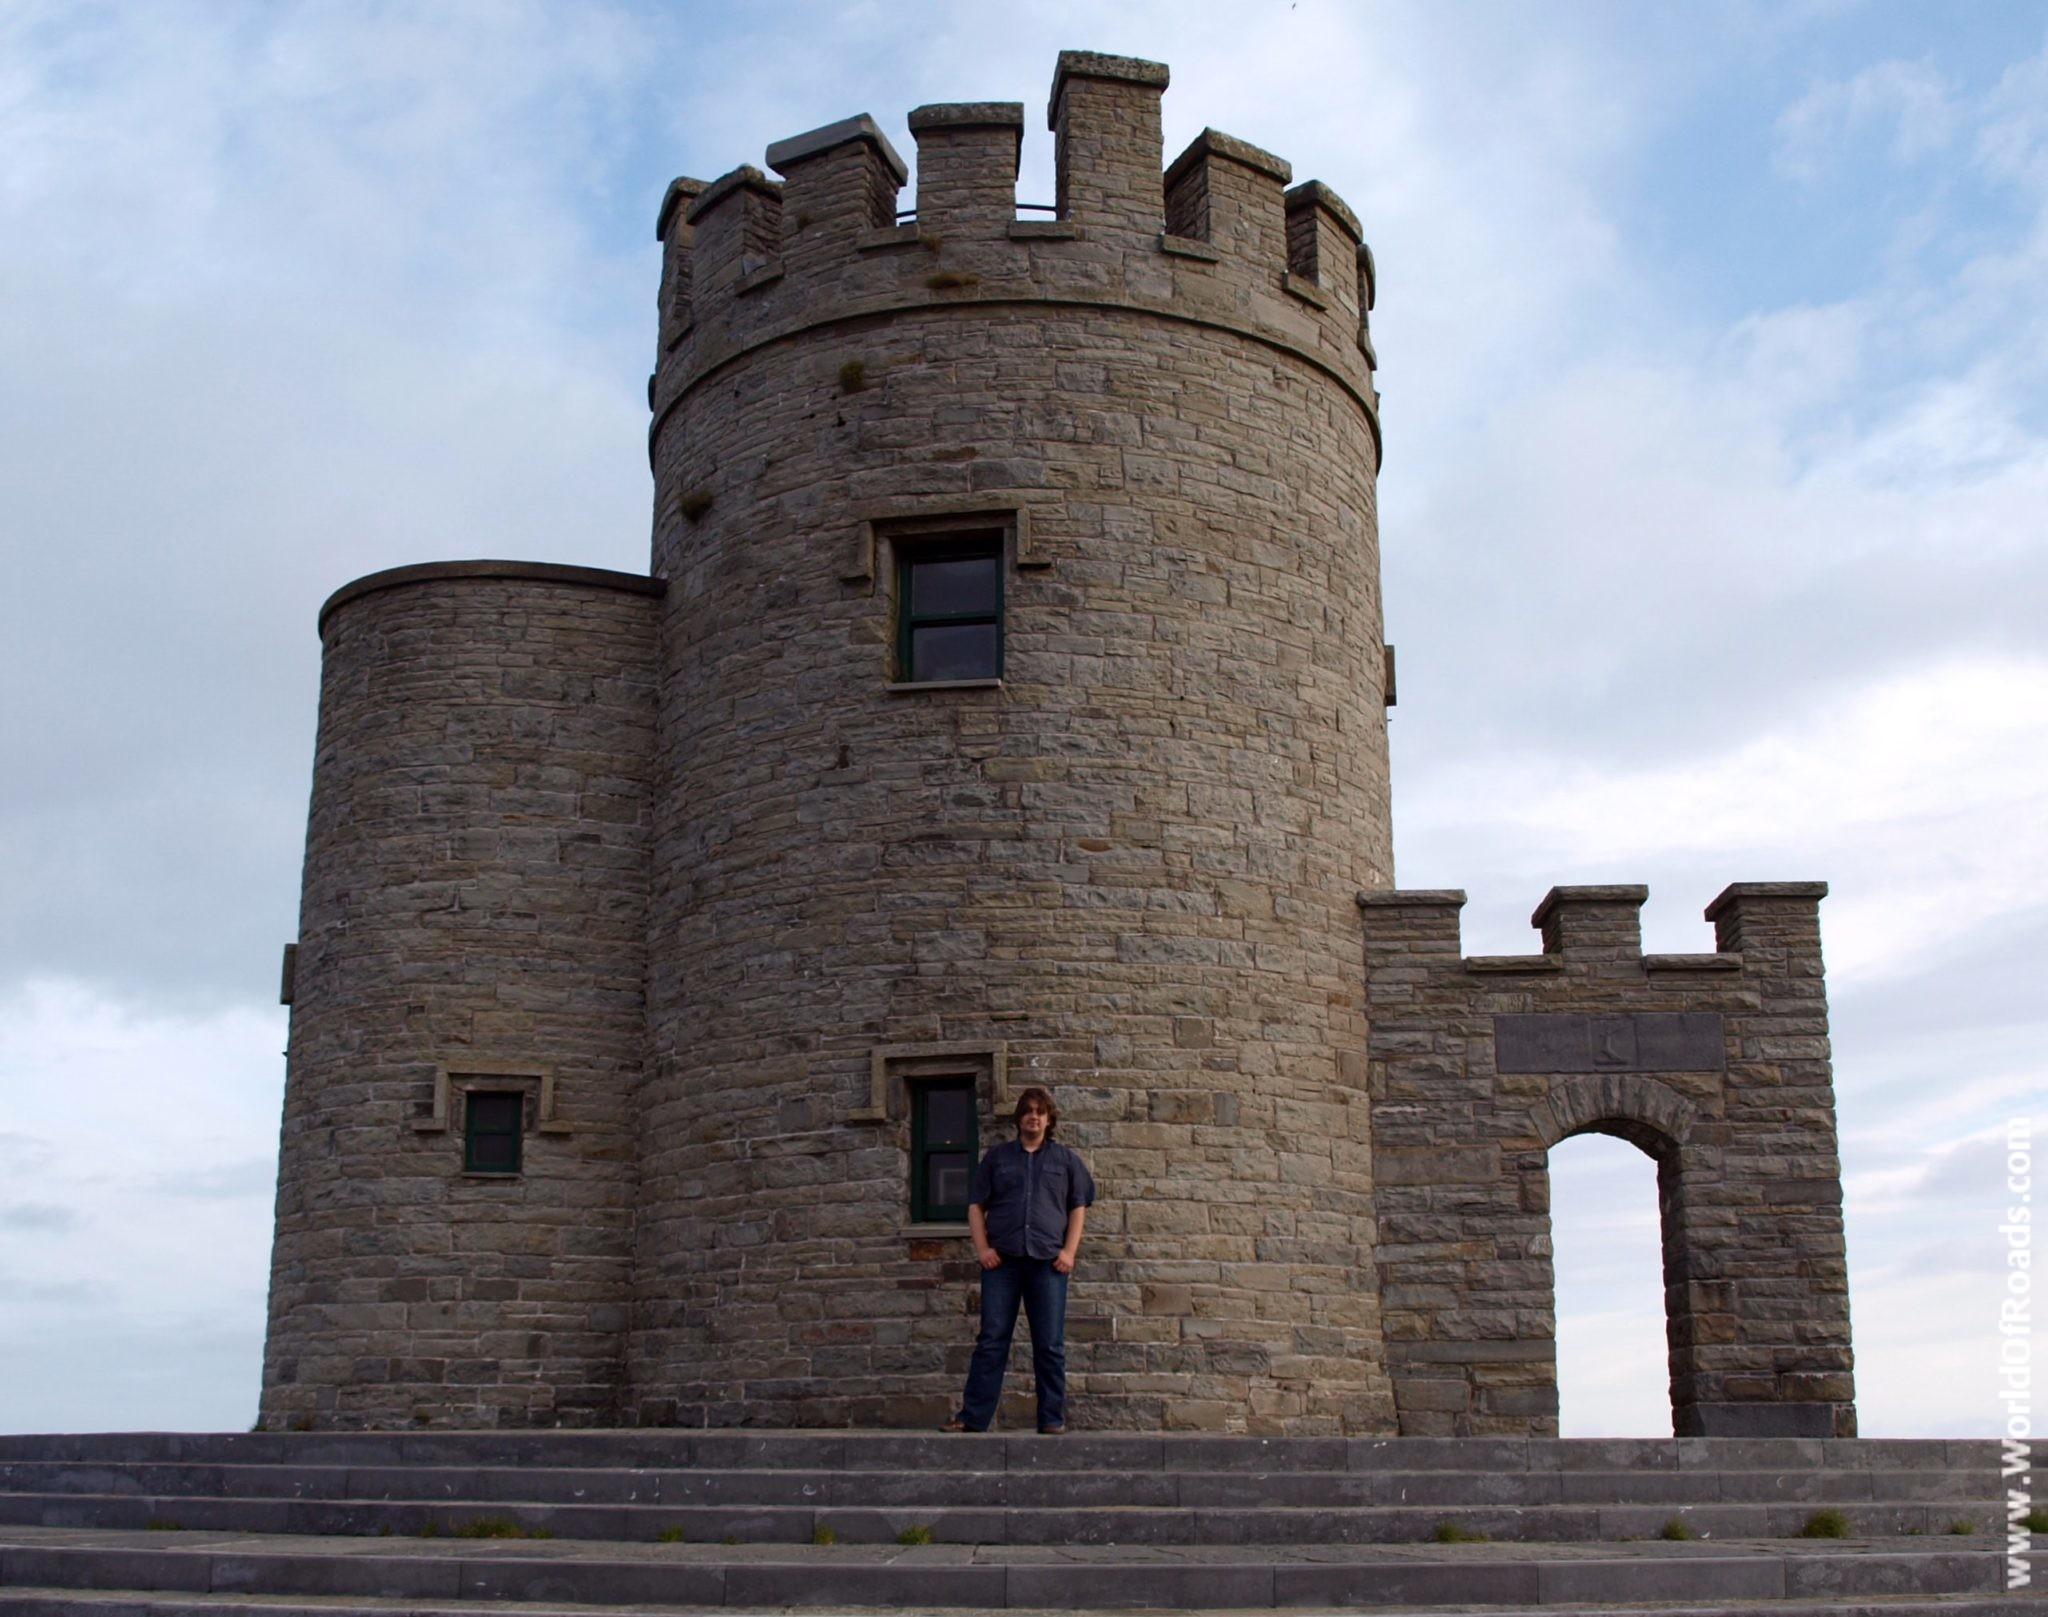 Башня О'Брайена. Утесы Мохер. Ирландия.